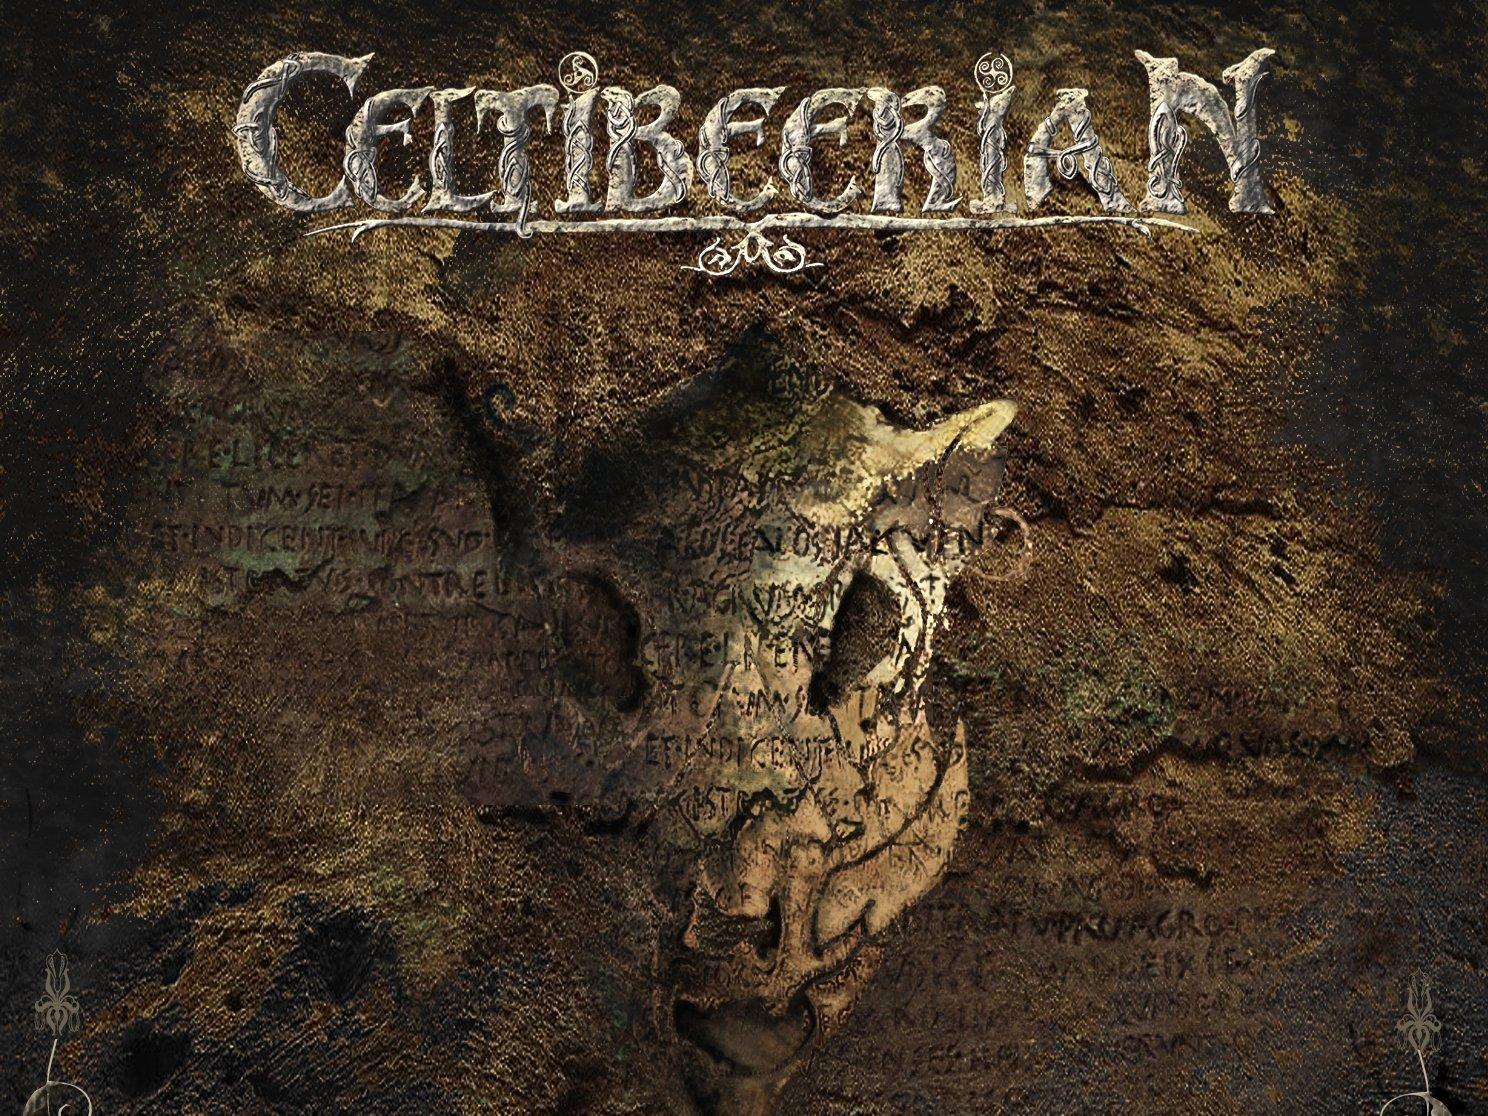 Image for Celtibeerian